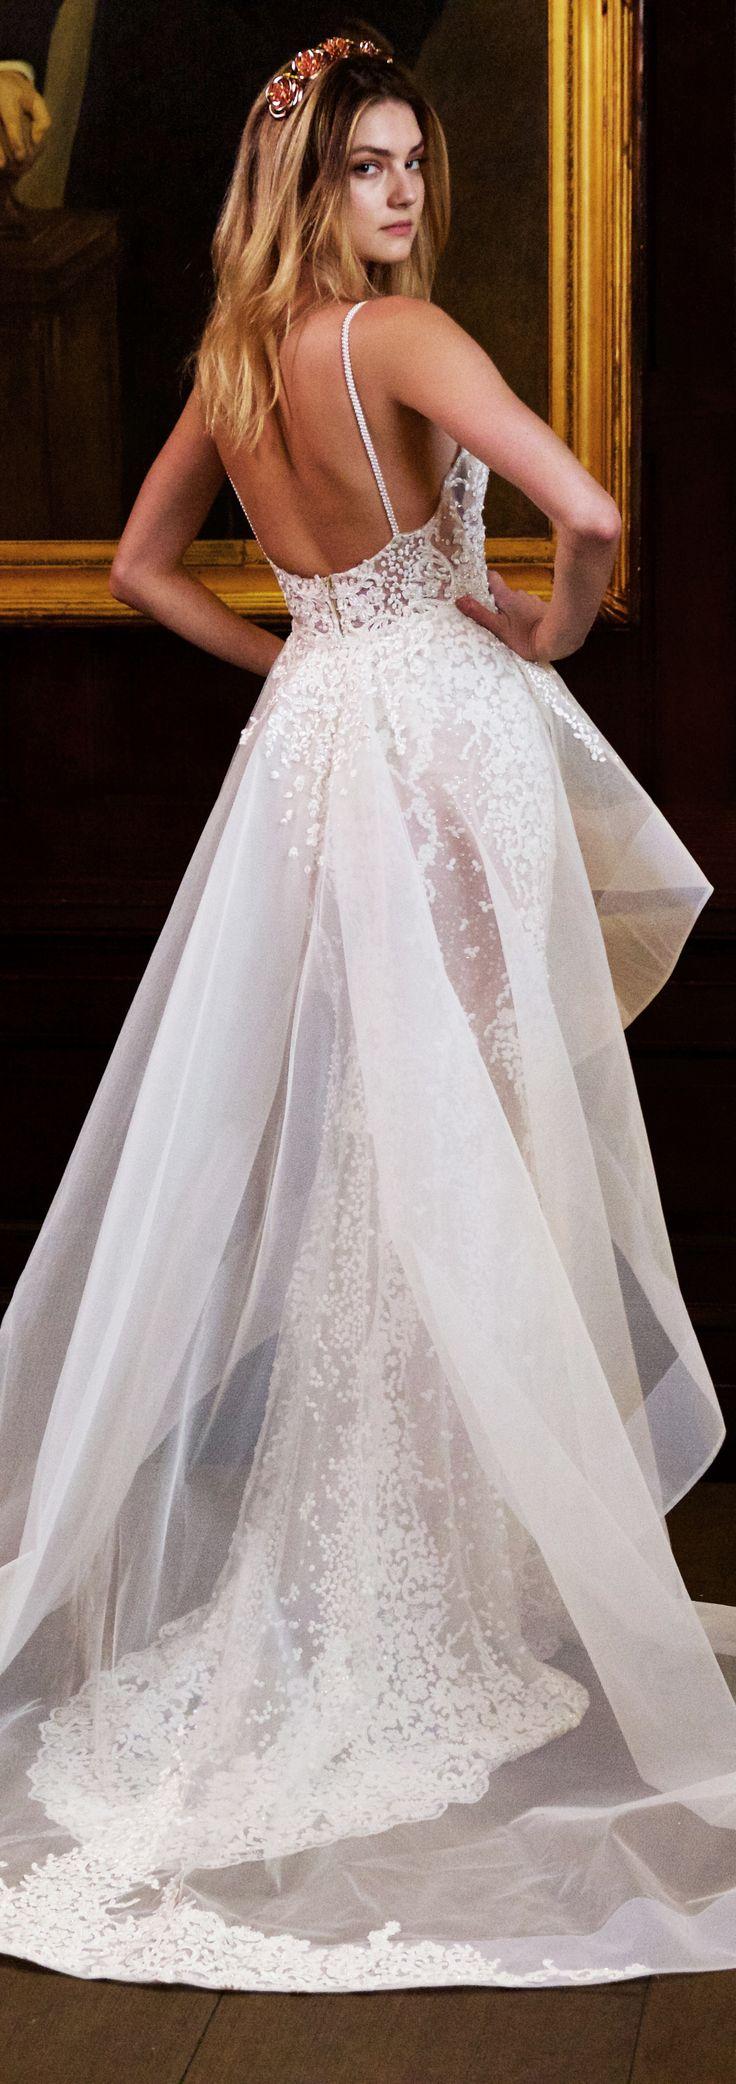 28 besten Berta Bests Bilder auf Pinterest | Hochzeitskleider ...